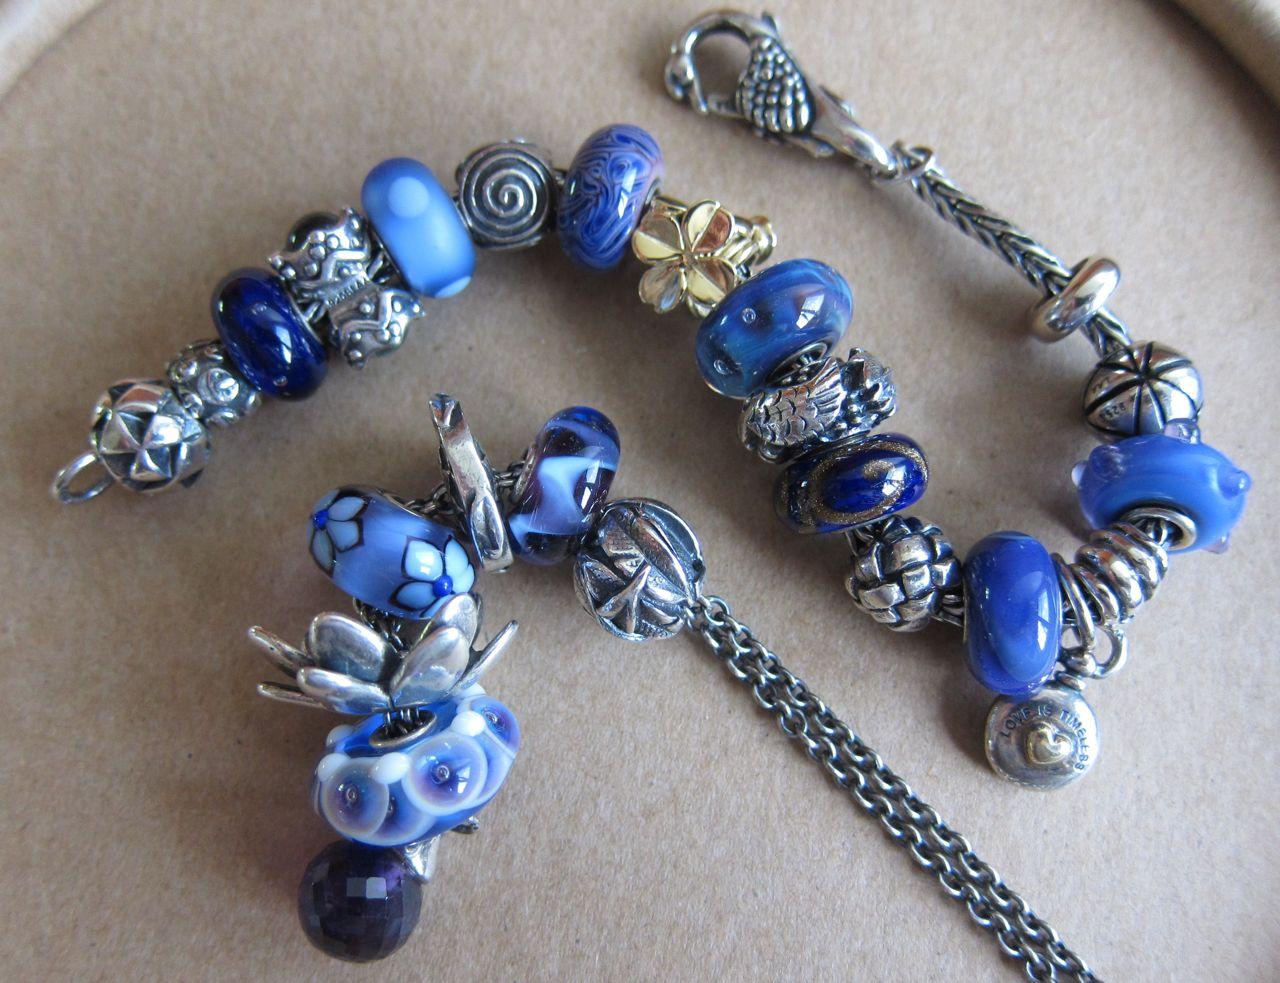 fantasy - Show me your fantasy necklace! Dc60sc7a0eit0hz40